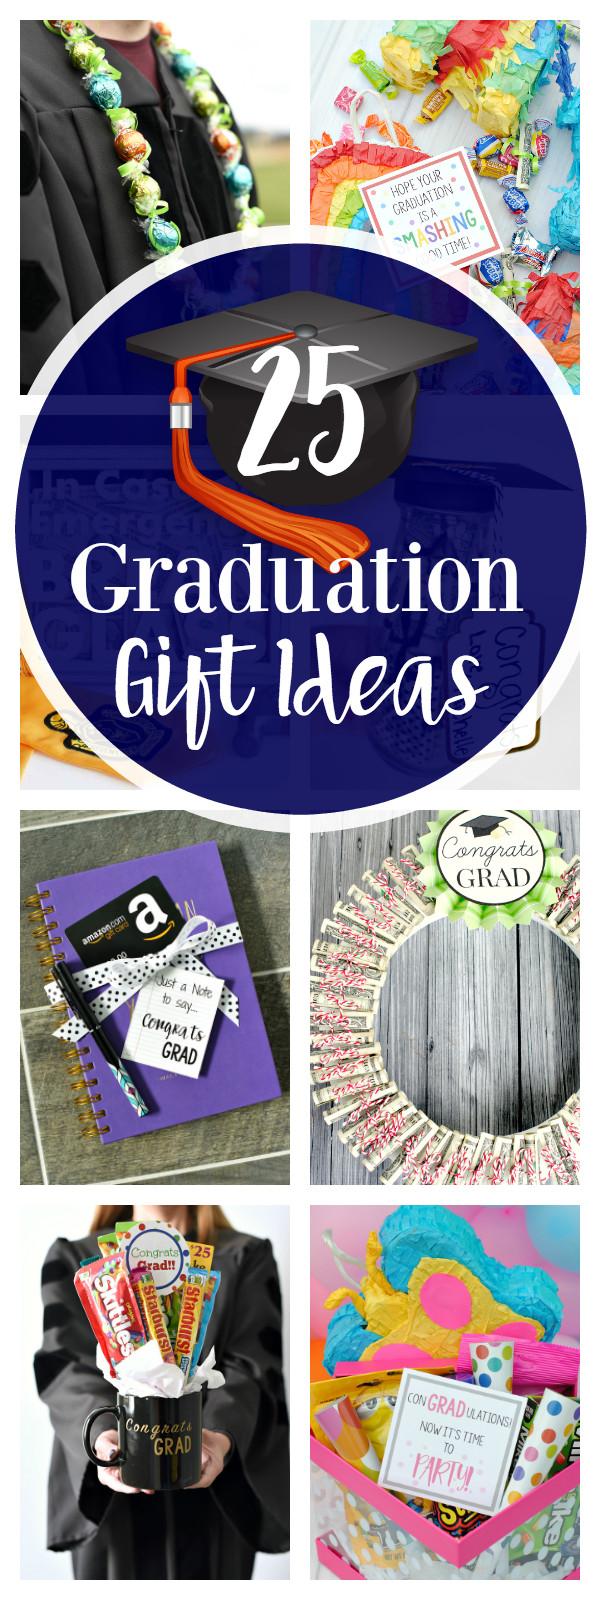 Best ideas about Unique Graduation Gift Ideas . Save or Pin 25 Fun & Unique Graduation Gifts Now.